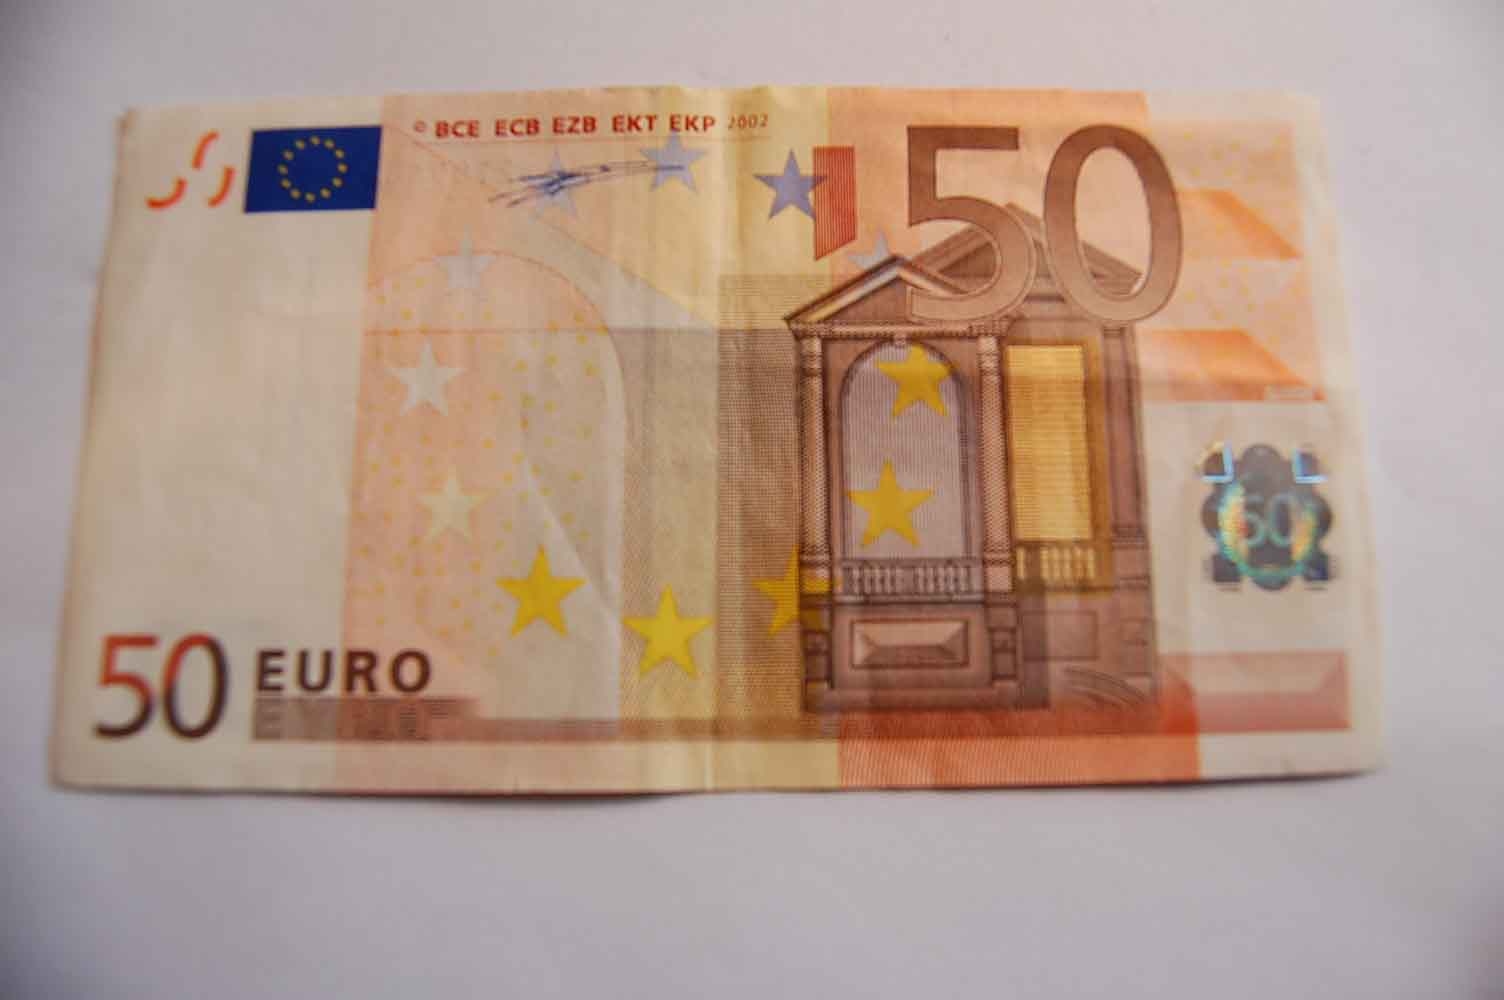 Fehldruck 50 Euro Schein